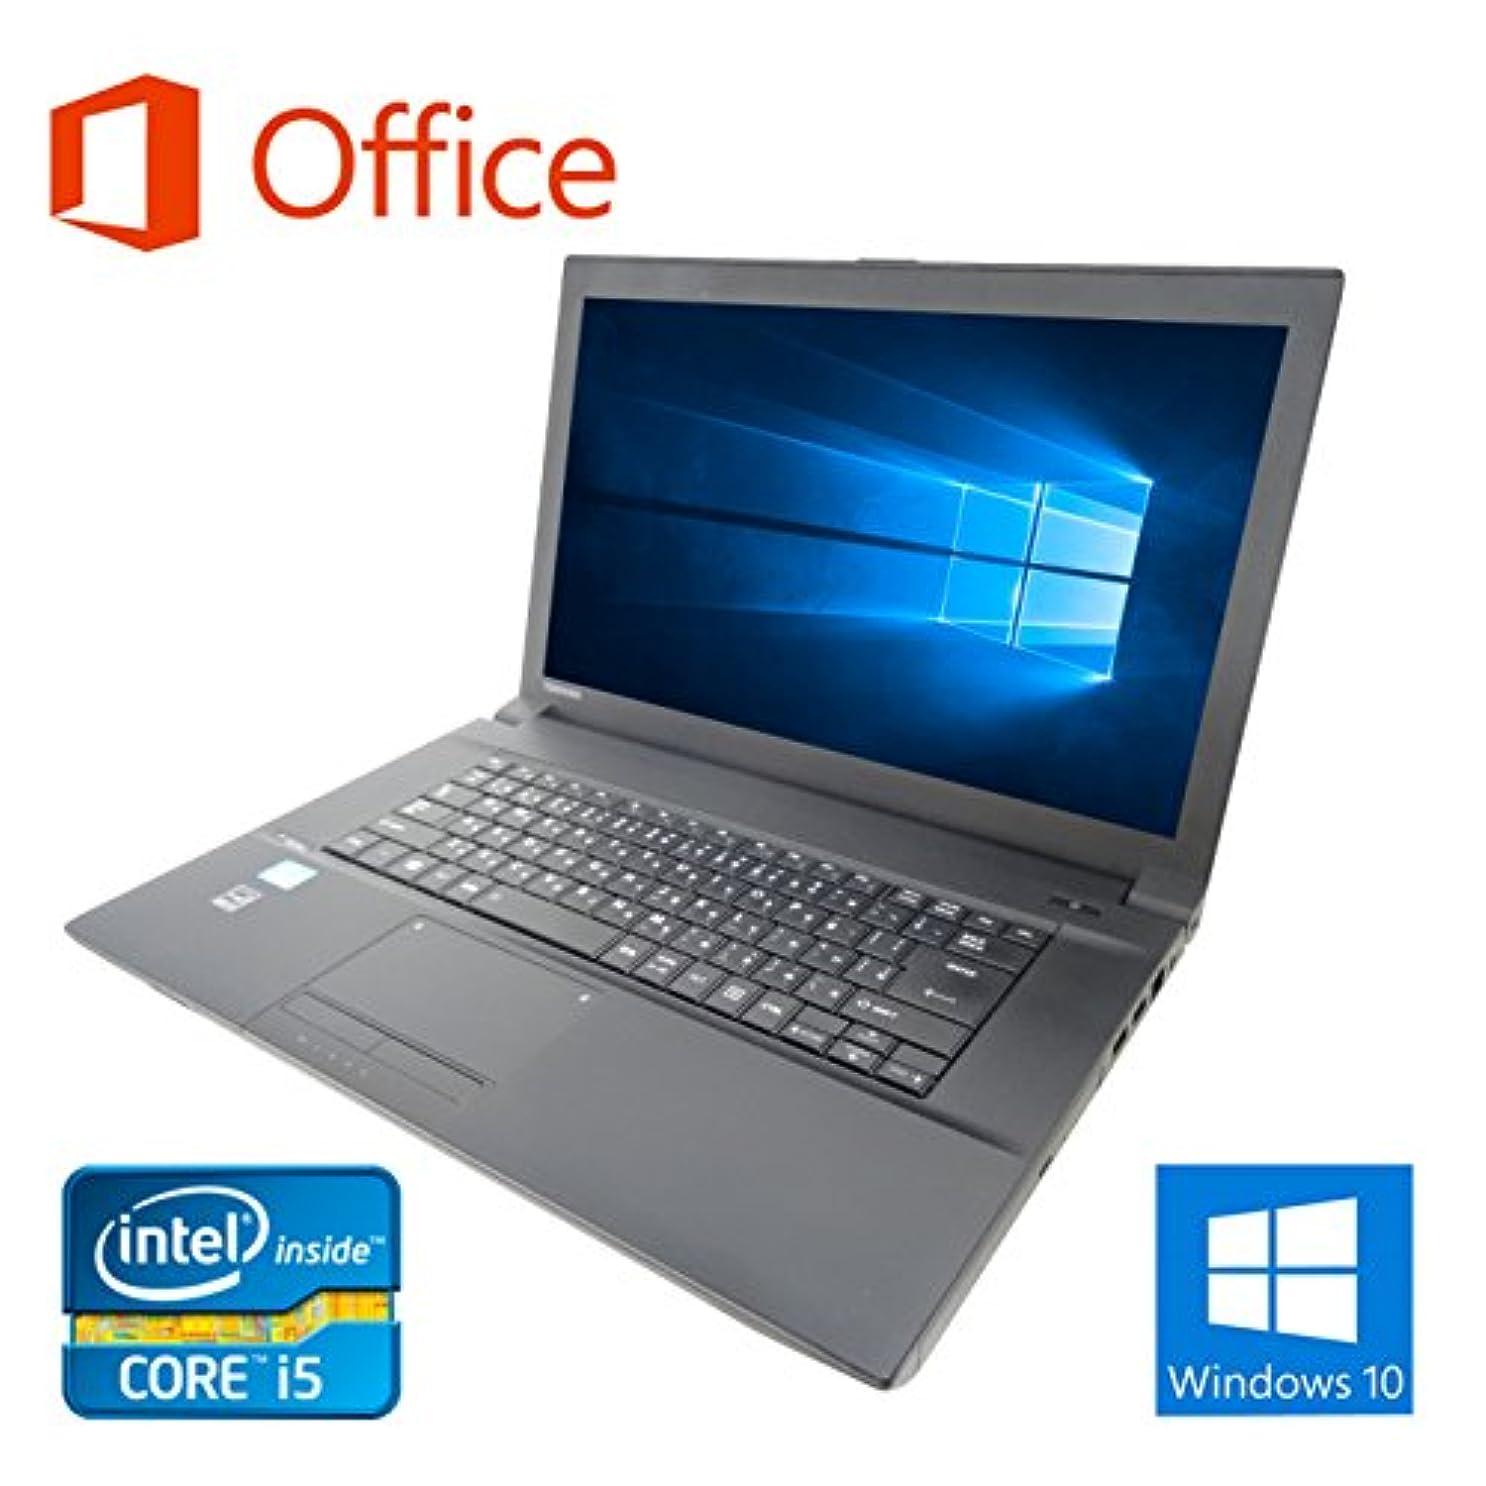 望まないインドテラス【Microsoft Office 2016搭載】【Win 10搭載】TOSHIBA B553/J/第三世代Core i5-3330M 2.6GHz/メモリー8GB/新品SSD:480GB/DVDスーパーマルチ/大画面15.6インチ/無線LAN搭載/ほぼ新品ノートパソコン/ (新品SSD:480GB)